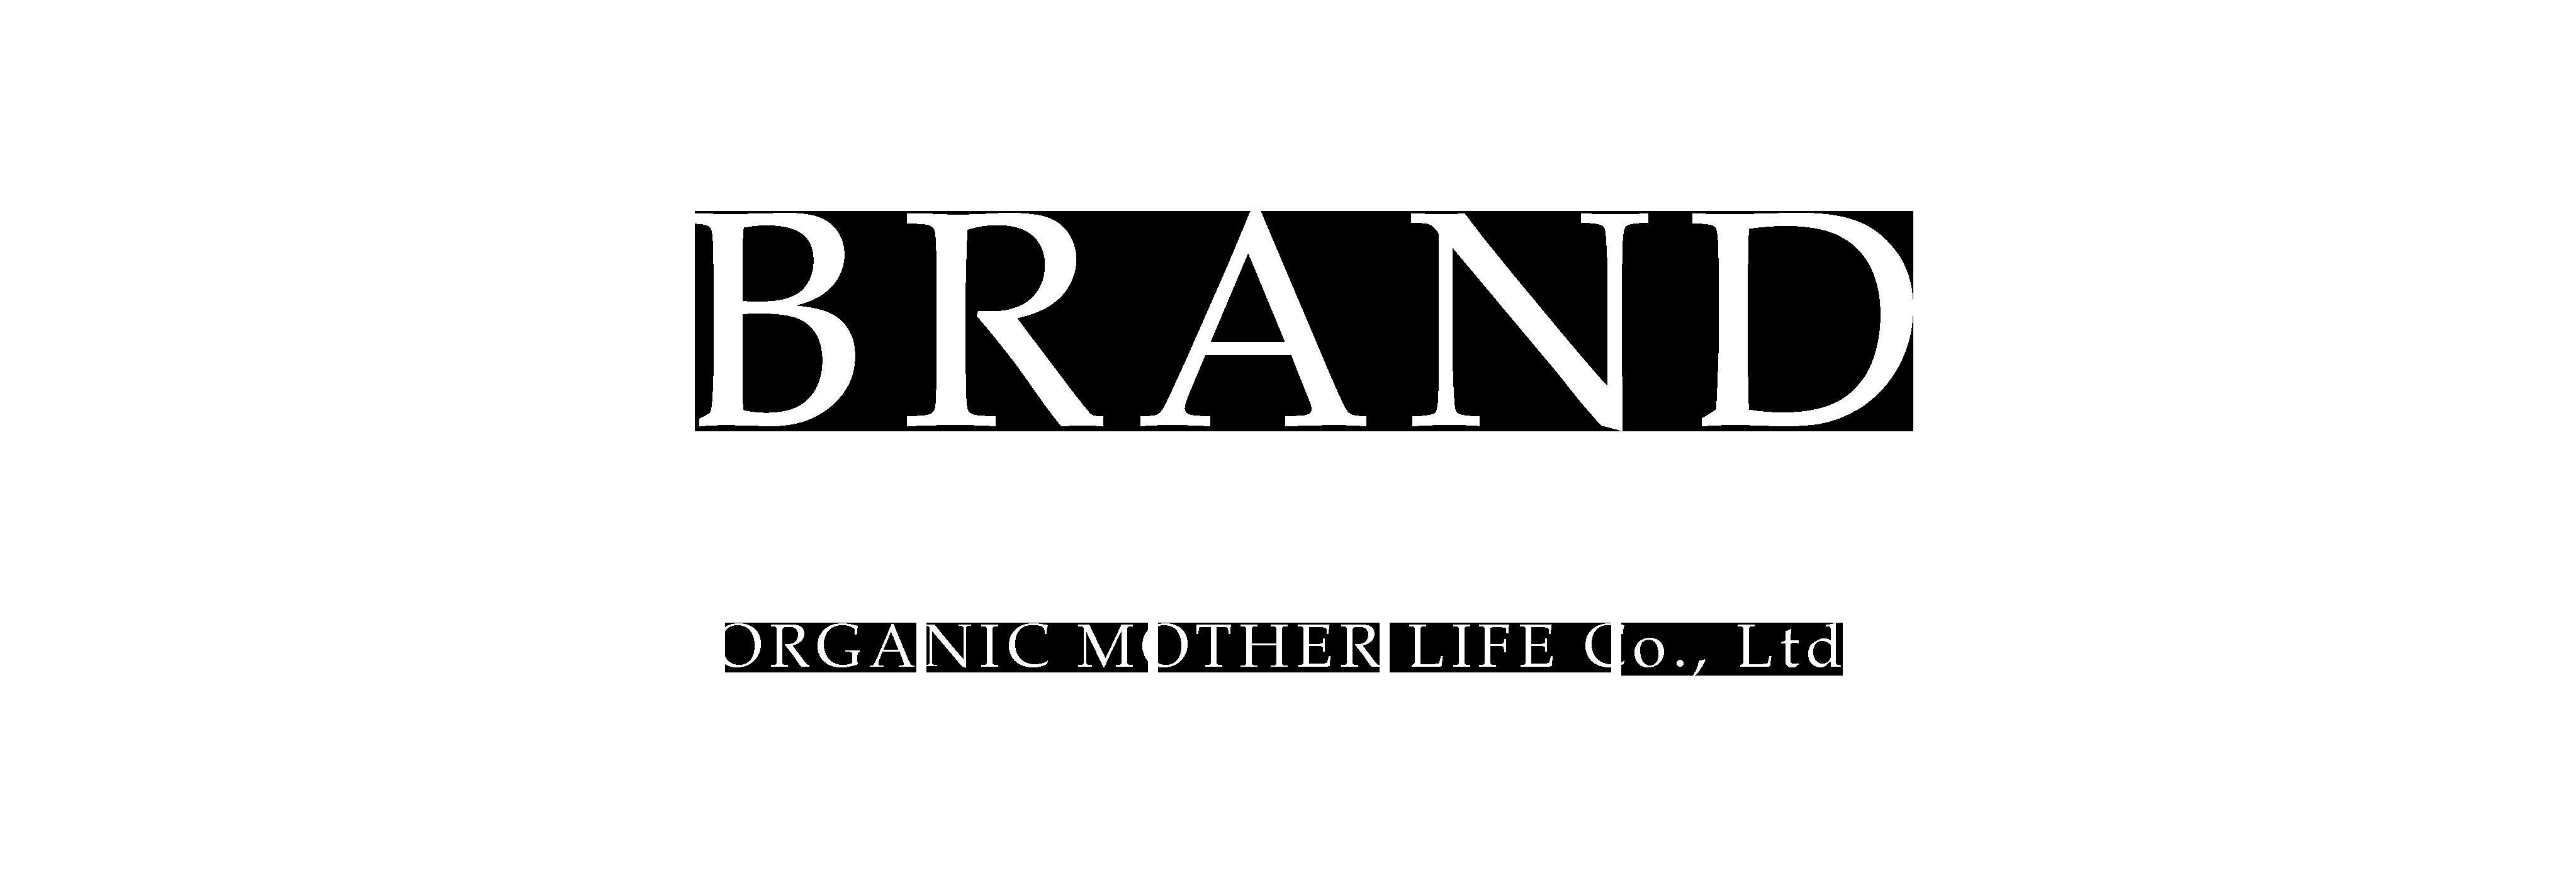 株式会社オーガニックマザーライフ ブランド一覧